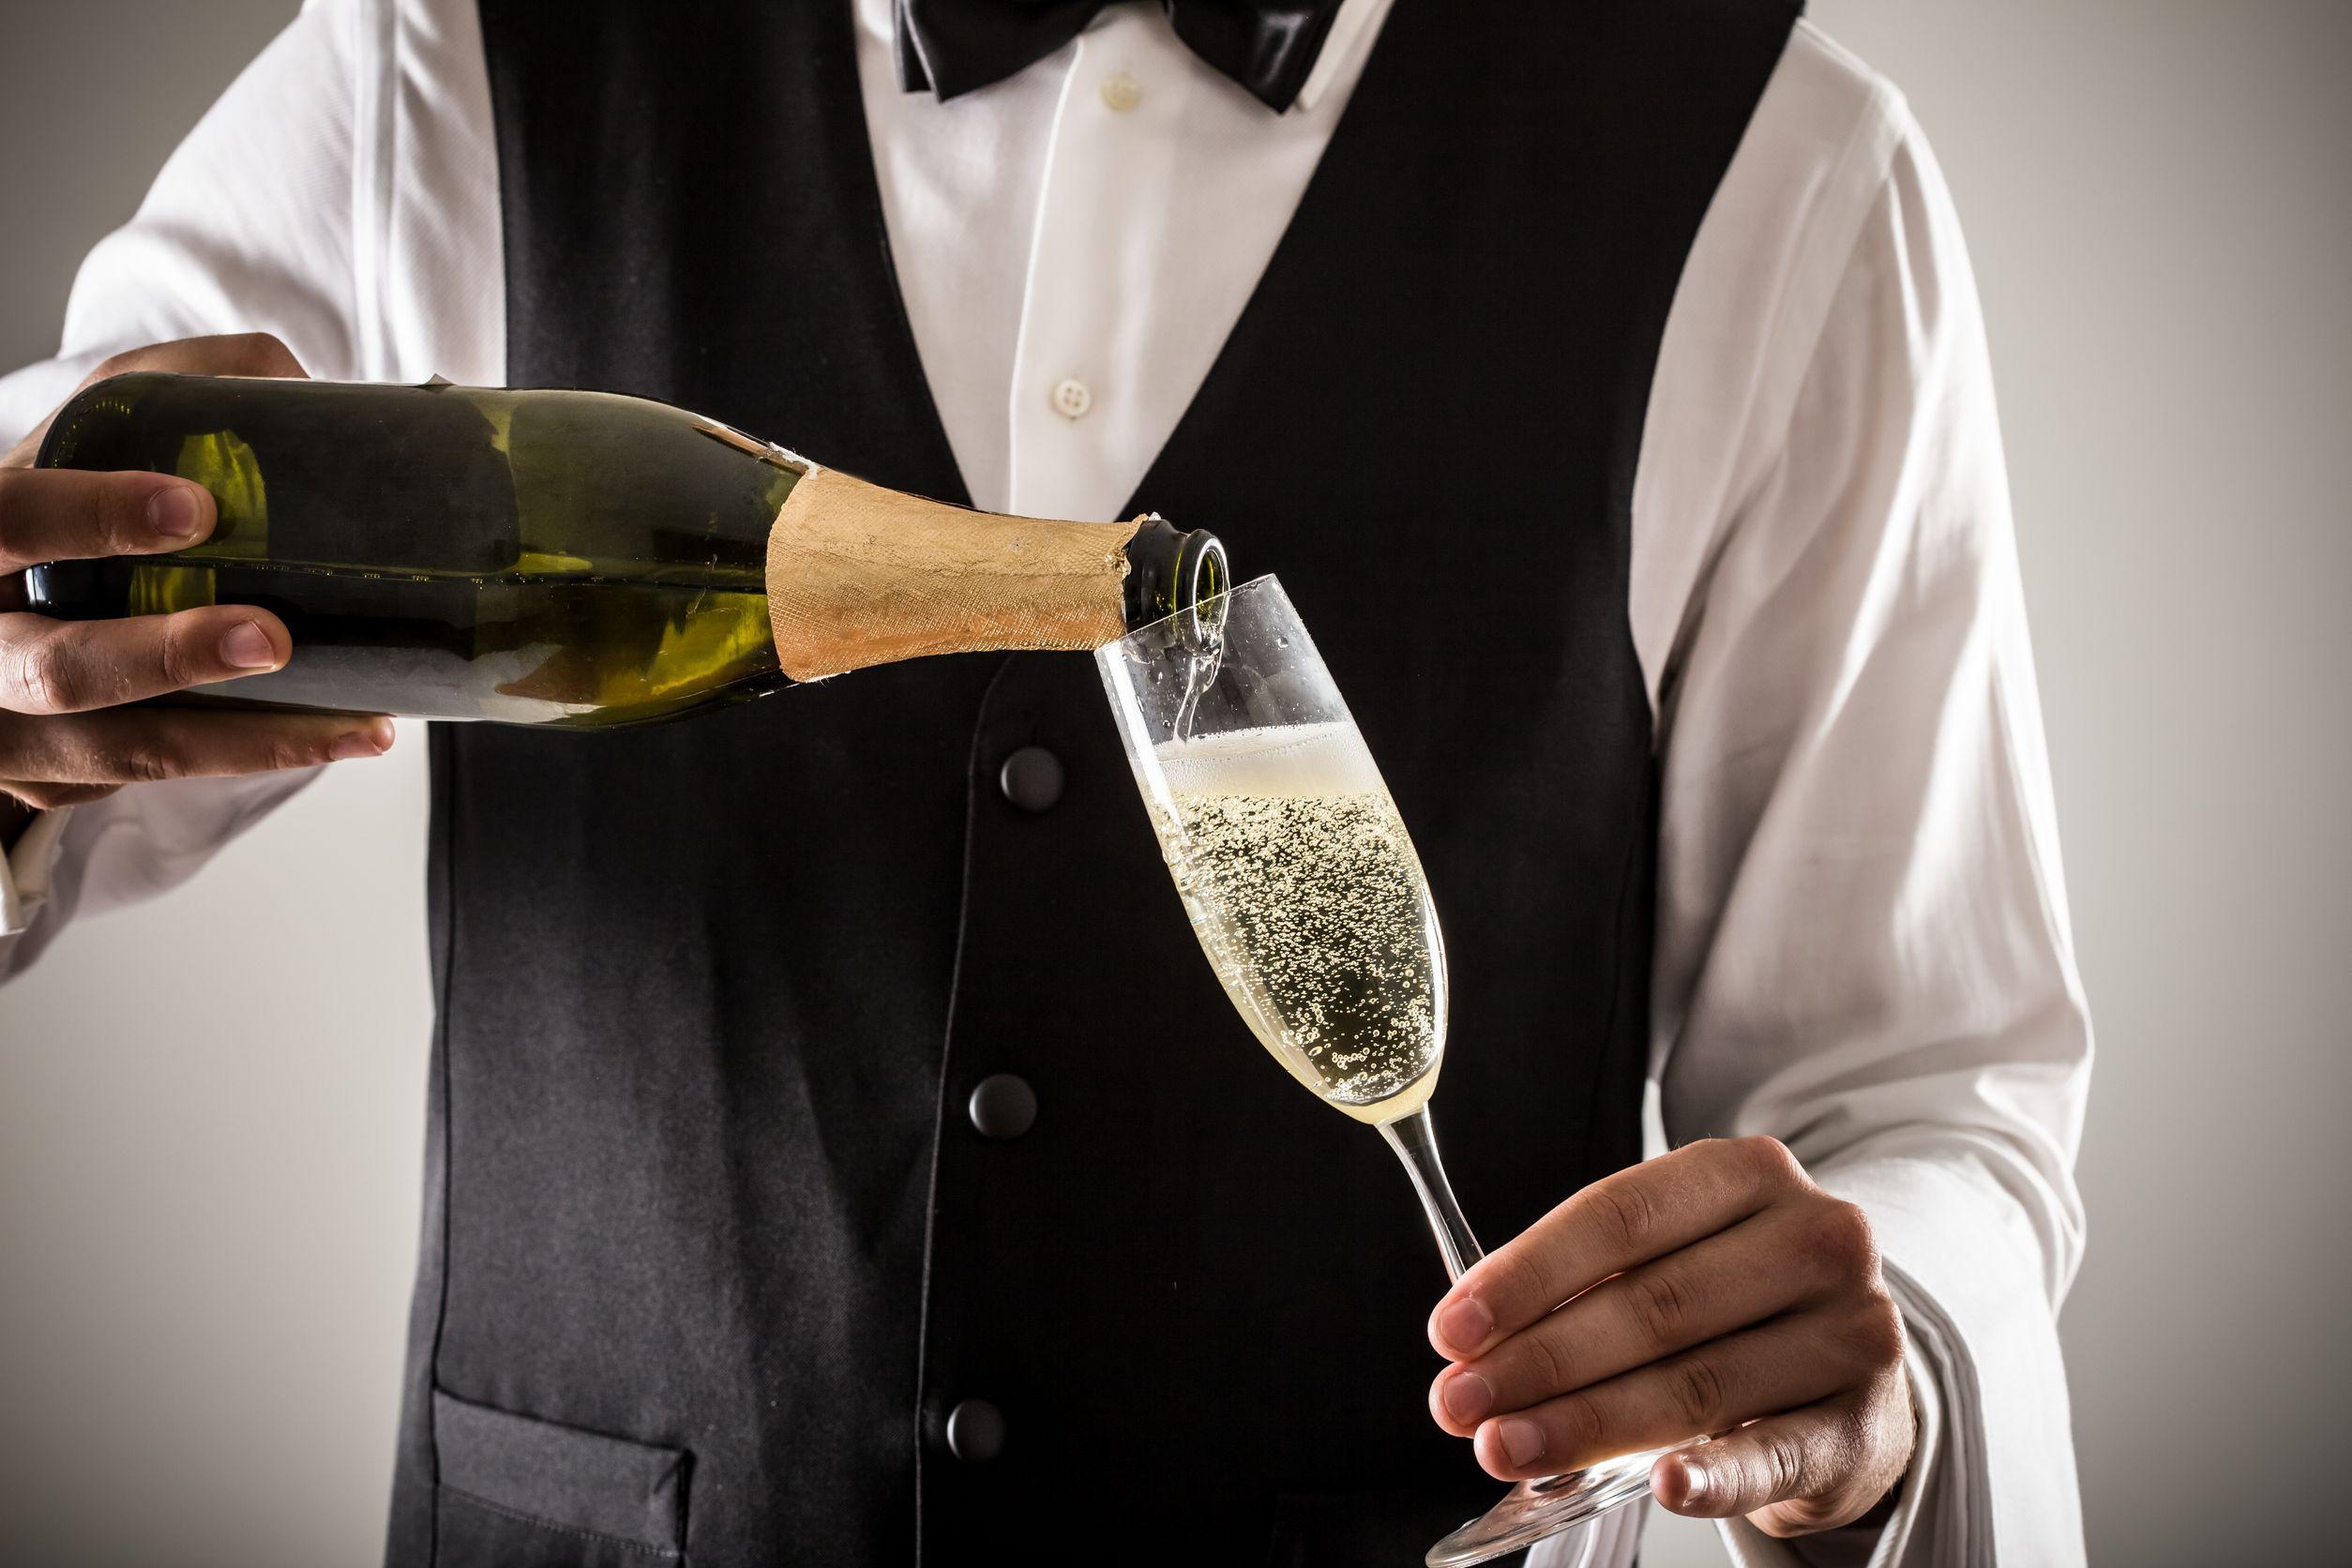 Peste 40.000 de sticle de `şampanie sovietică`, confiscate la vamă pentru folosirea cuvântului care aduce atingere denumirii geografice `Champagne`